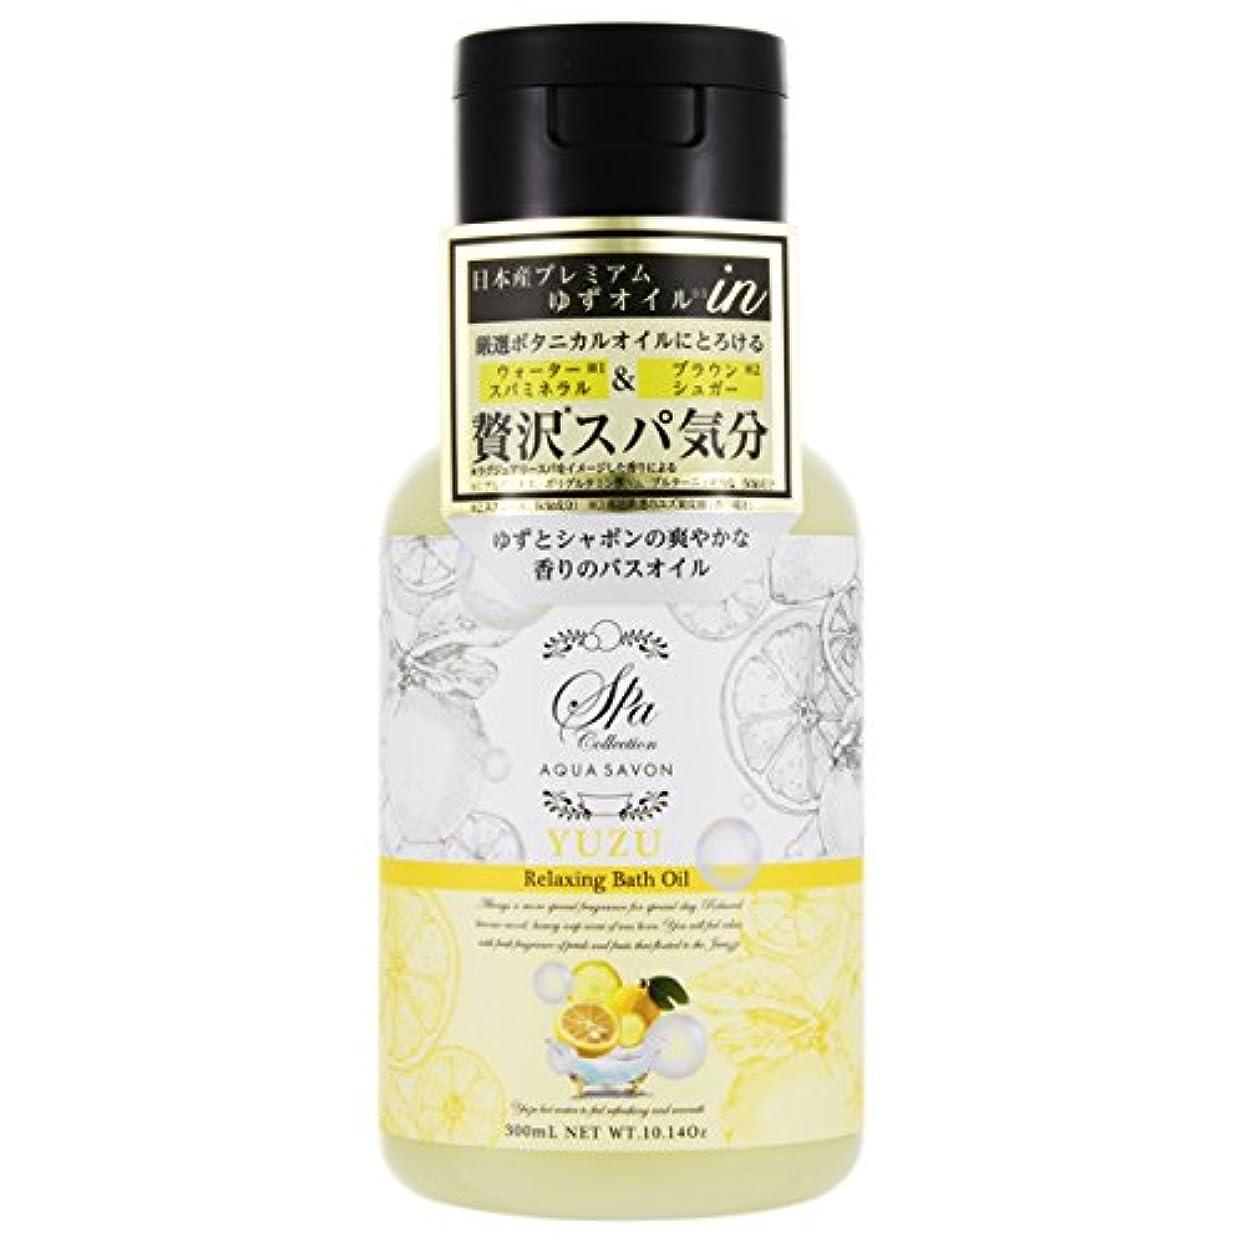 露出度の高い説教するそれによってアクアシャボン スパコレクション リラクシングバスオイル ゆずスパの香り 300ml 【アクアシャボン】